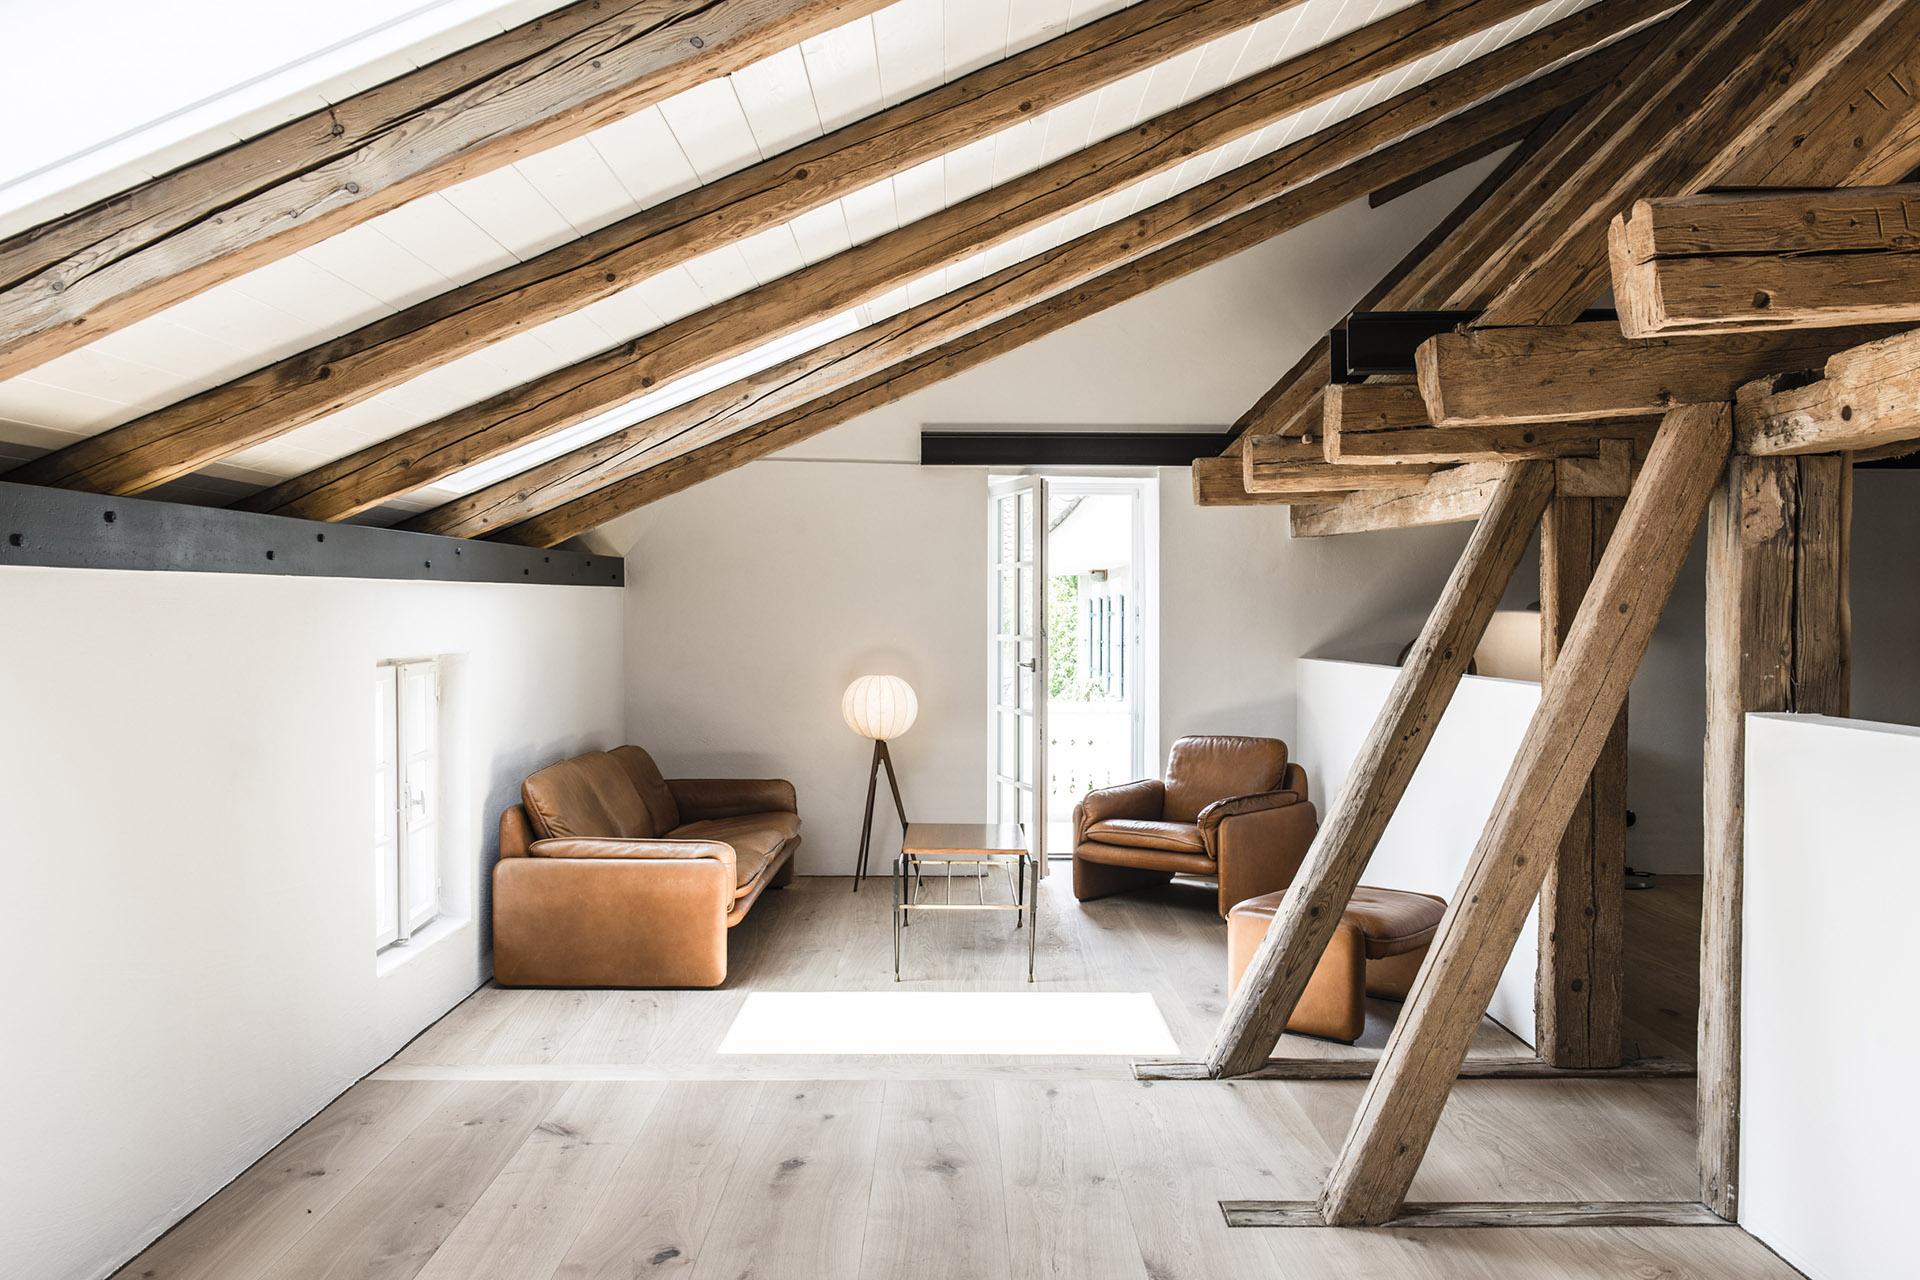 031-interior-design-residential-farmhouse-renovation-buero-philipp-moeller.jpg